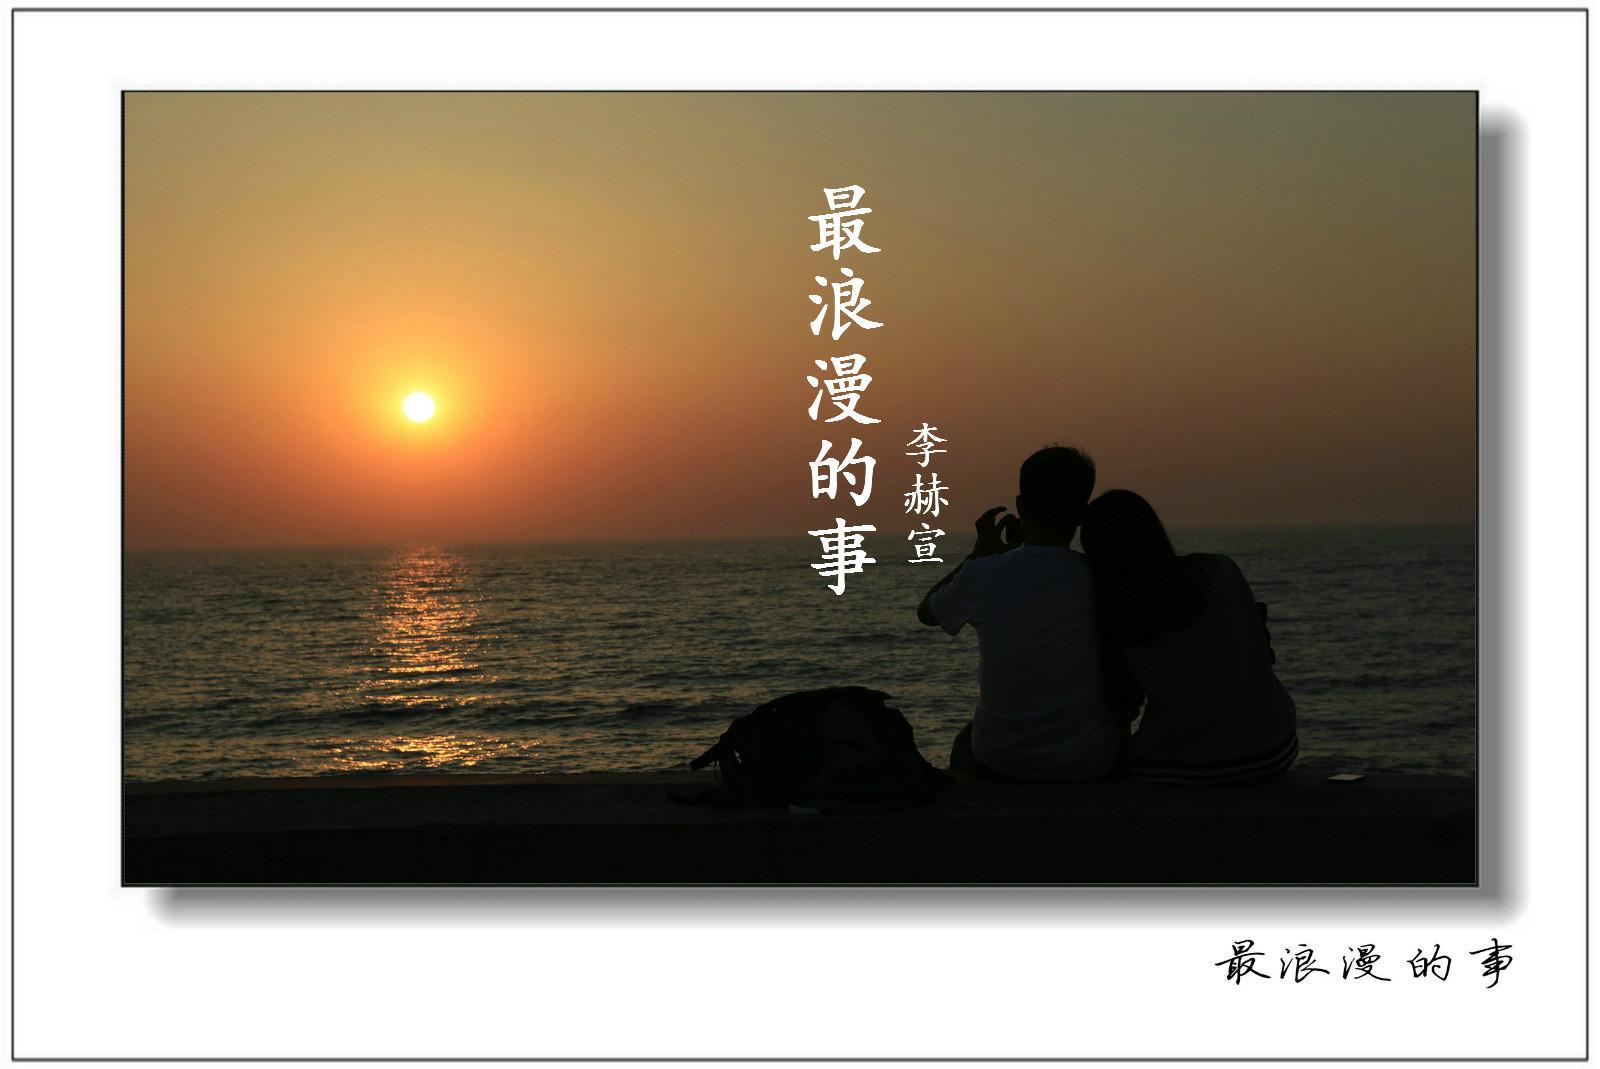 最浪漫的事 Cover 杨钰莹